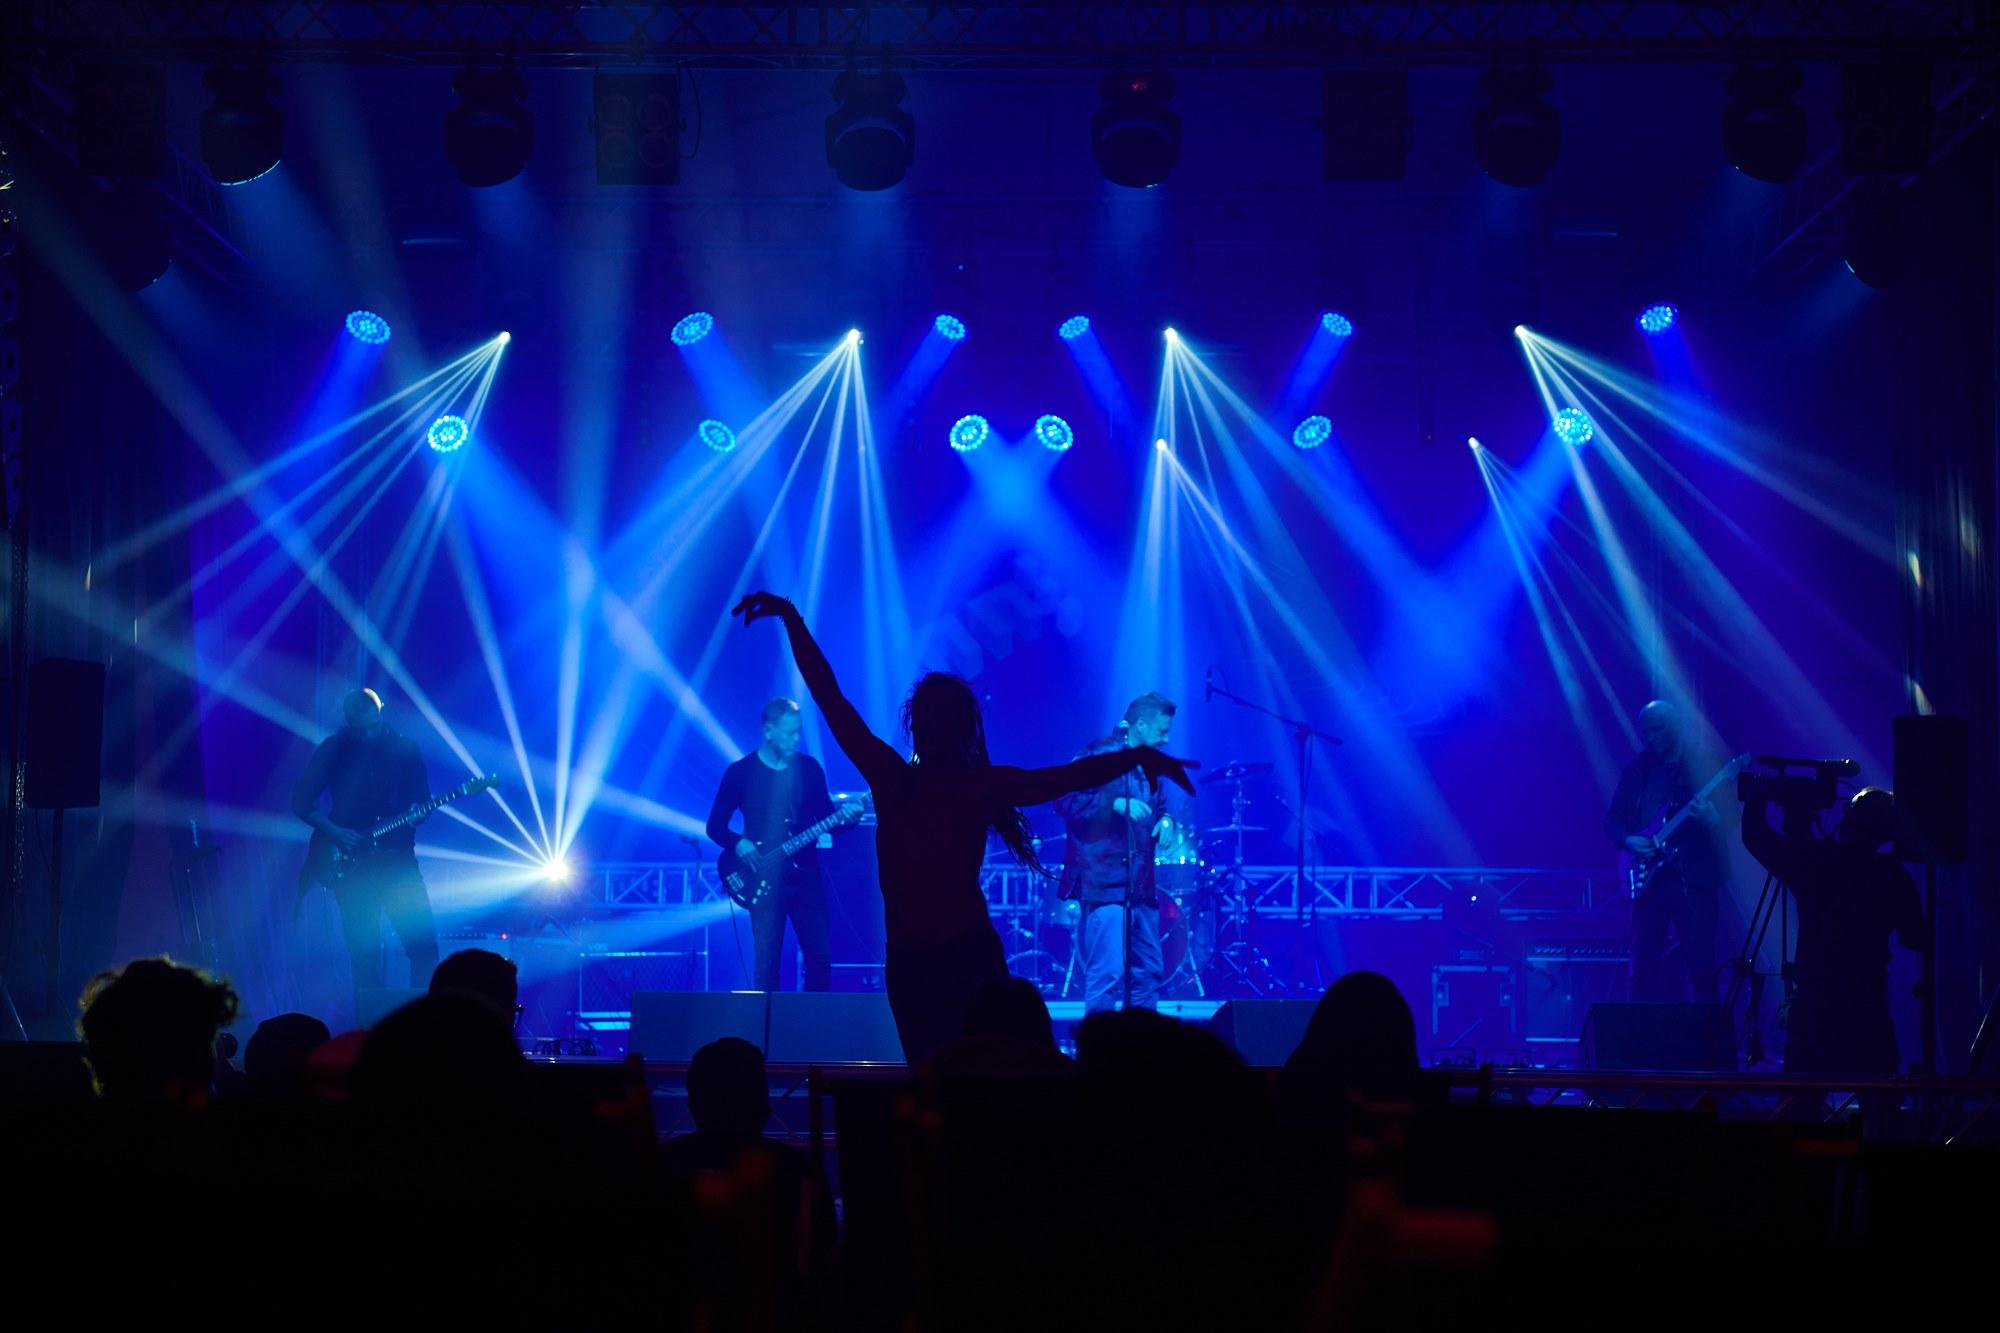 [Zdjęcie z koncertu zespołu Bielizna przedstawia sylwetkę osoby z publiczności z rękami w górze wpatrującą się w grający na scenie zespół. W tle oświetlona na niebiesko scena, a na niej trzech gitarzystów i wokalista.]